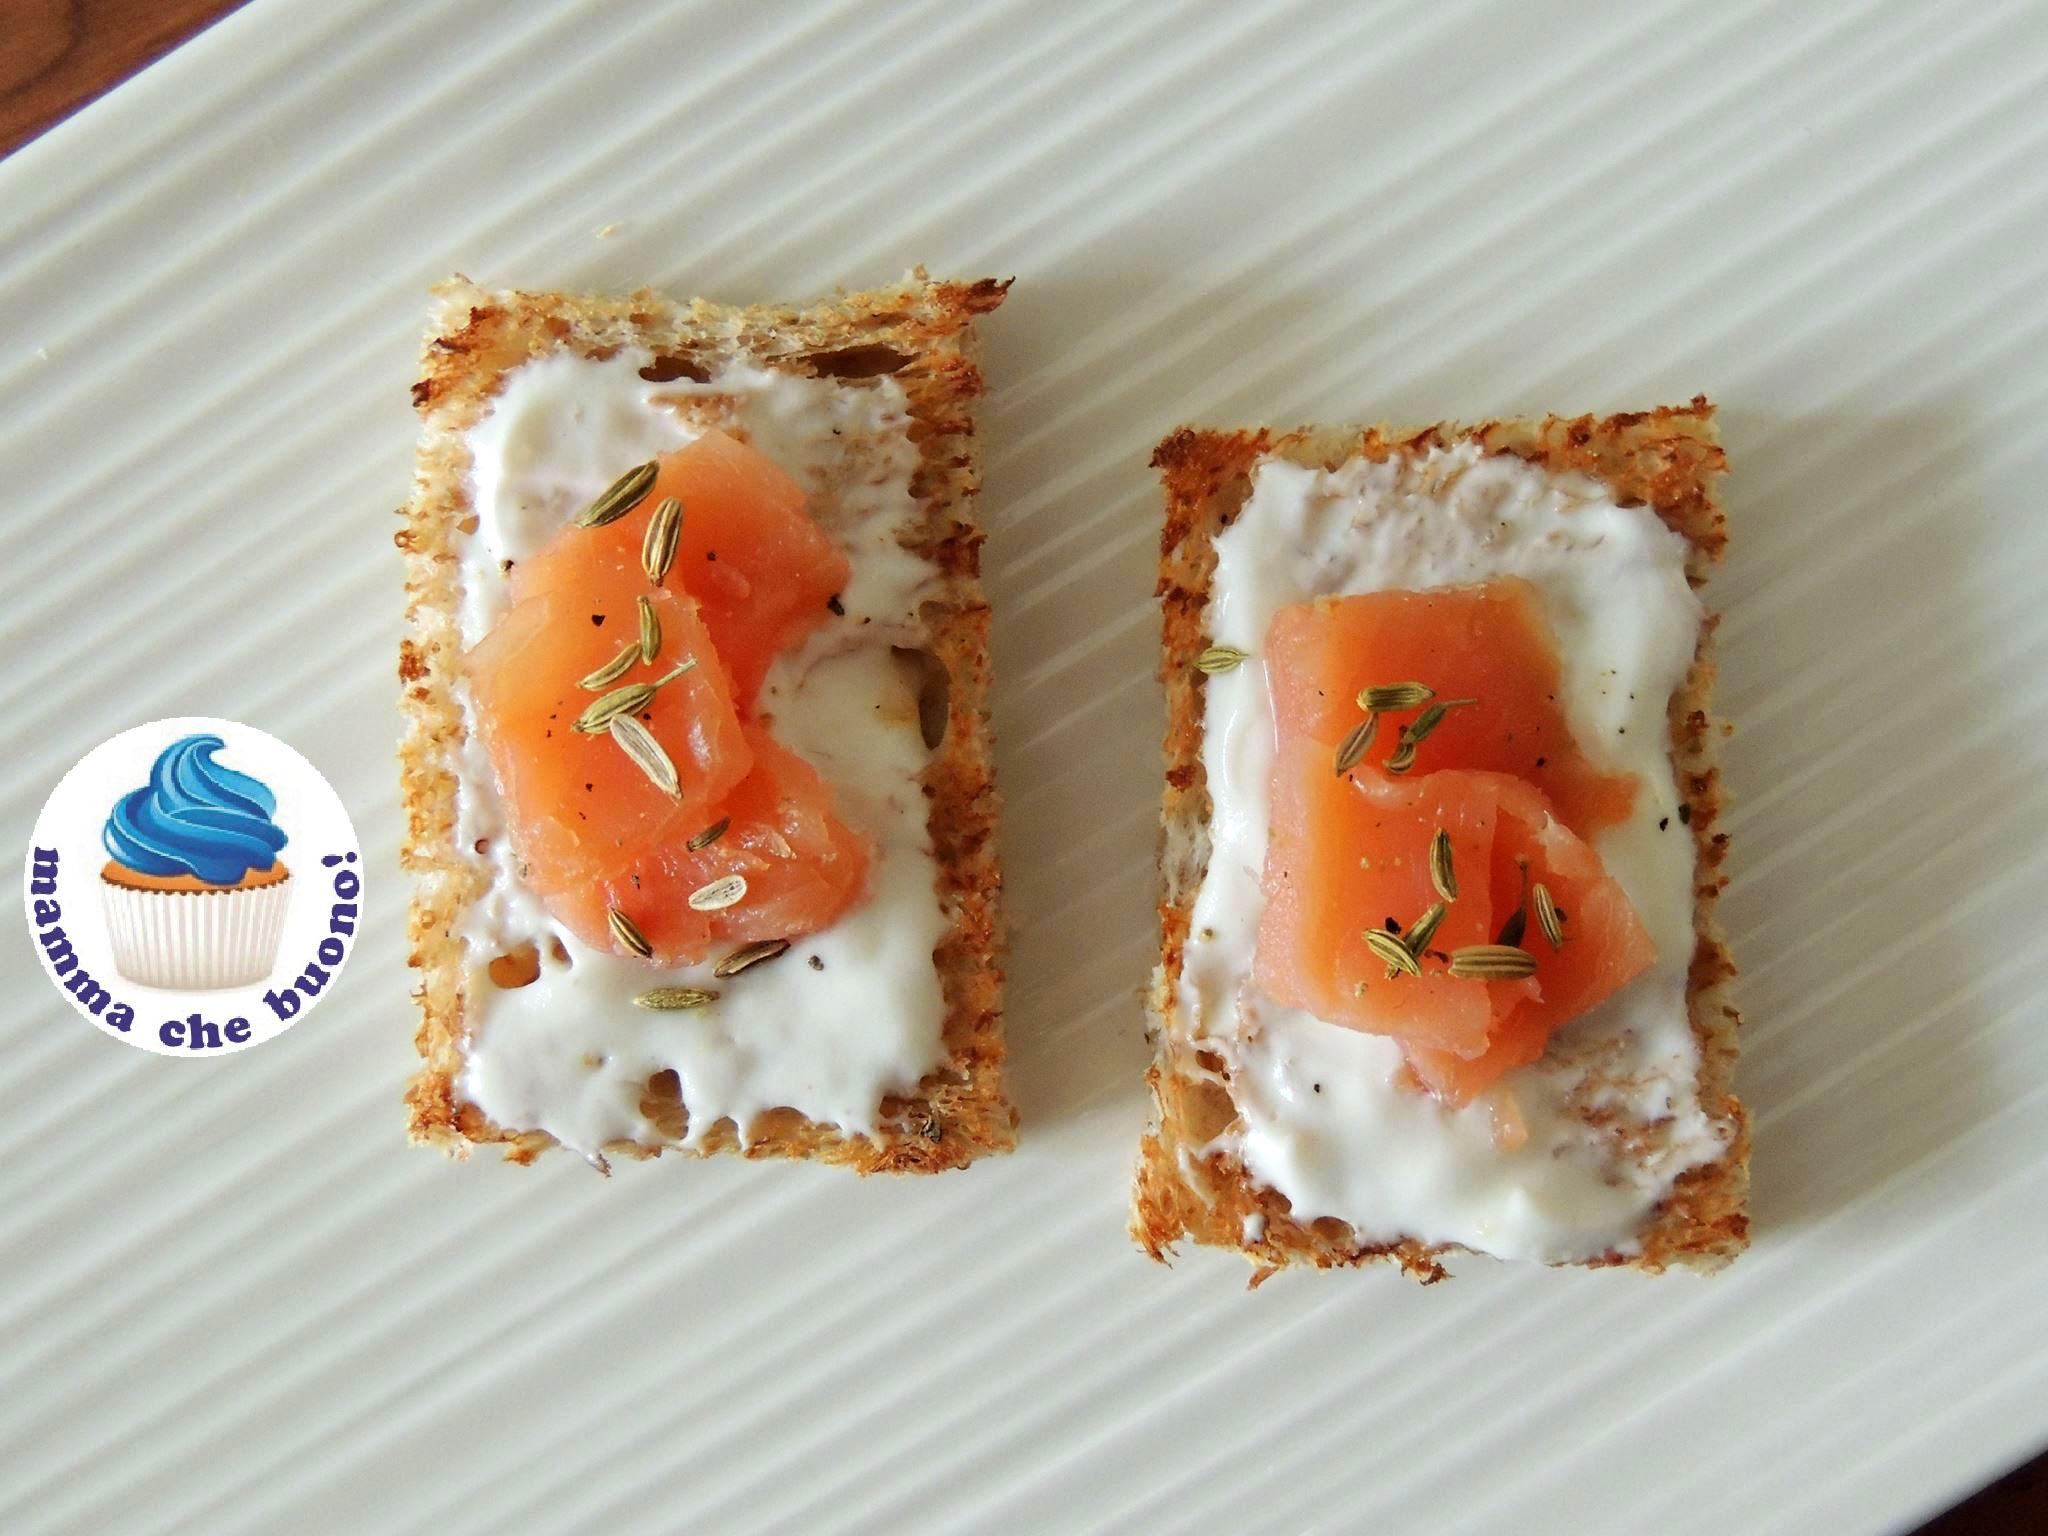 Ricetta Salmone Affumicato E Yogurt Greco.Crostini Al Salmone Salsa Yogurt Ricette Vale2105 D Repubblica It